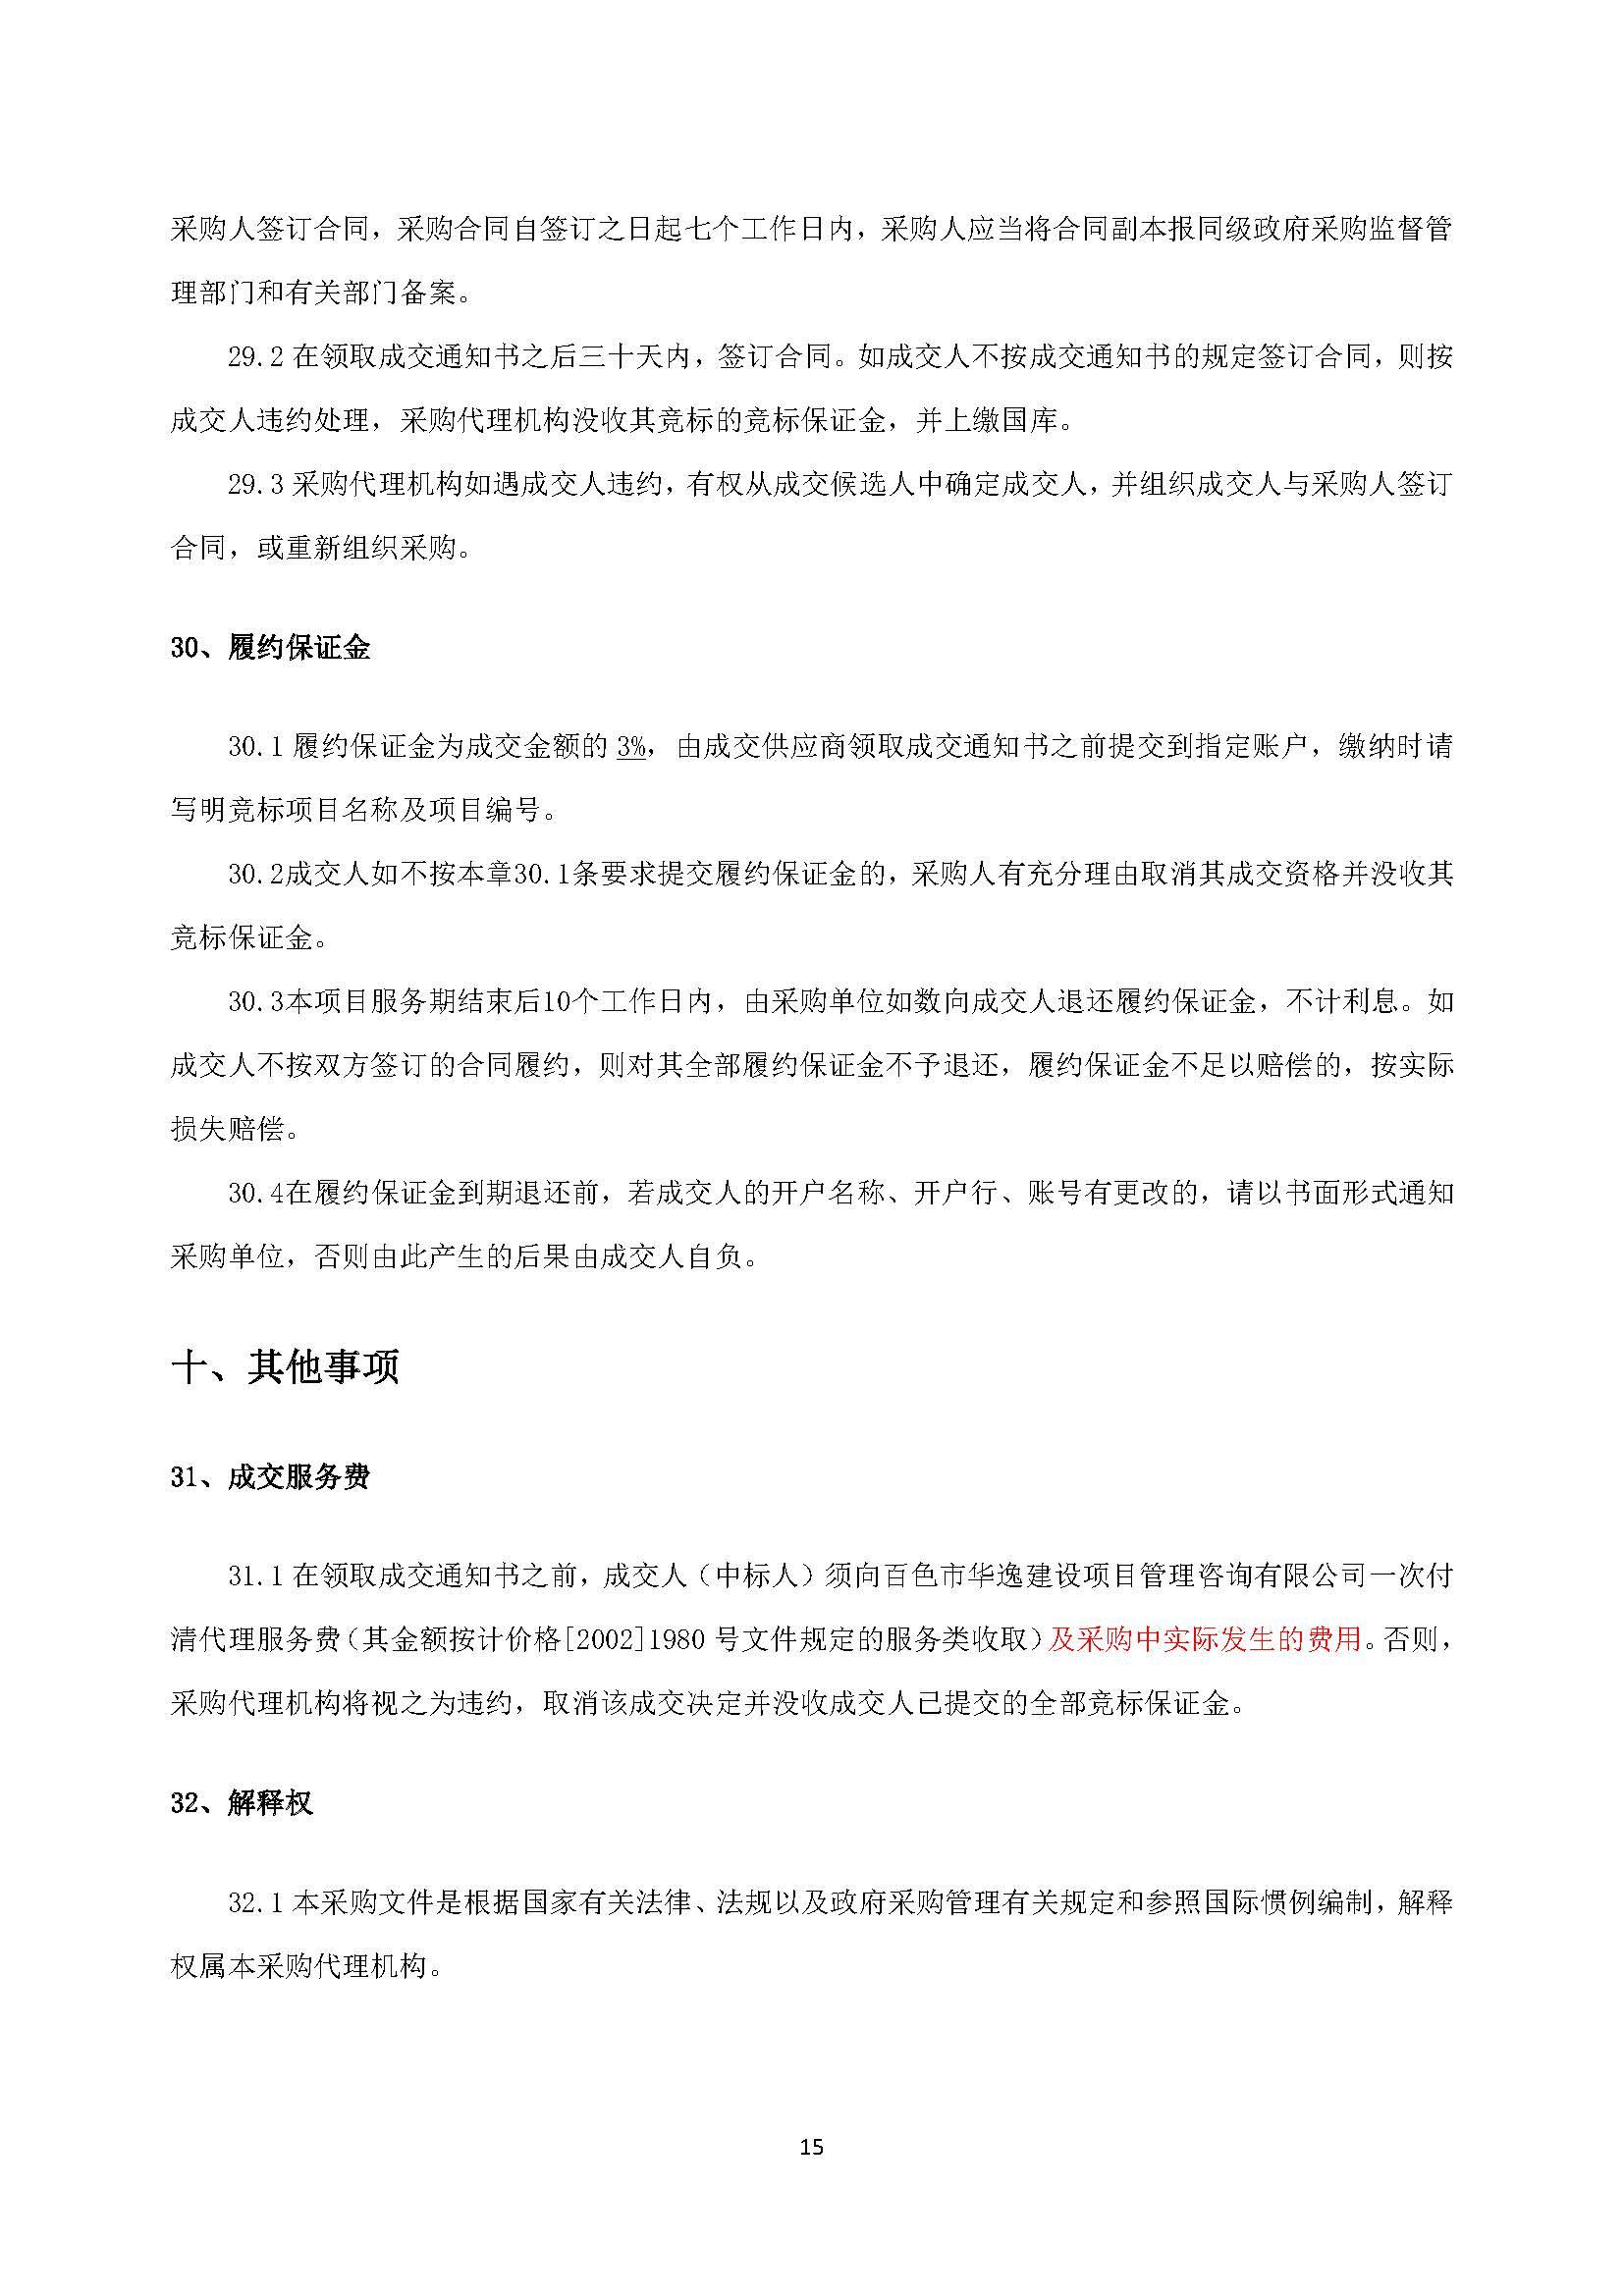 (确定)安徽快三基本走势图市政环卫园林绿化企业一体化面积测绘服务采购 竞争性谈判采购文件20200610(2)_页面_19.jpg